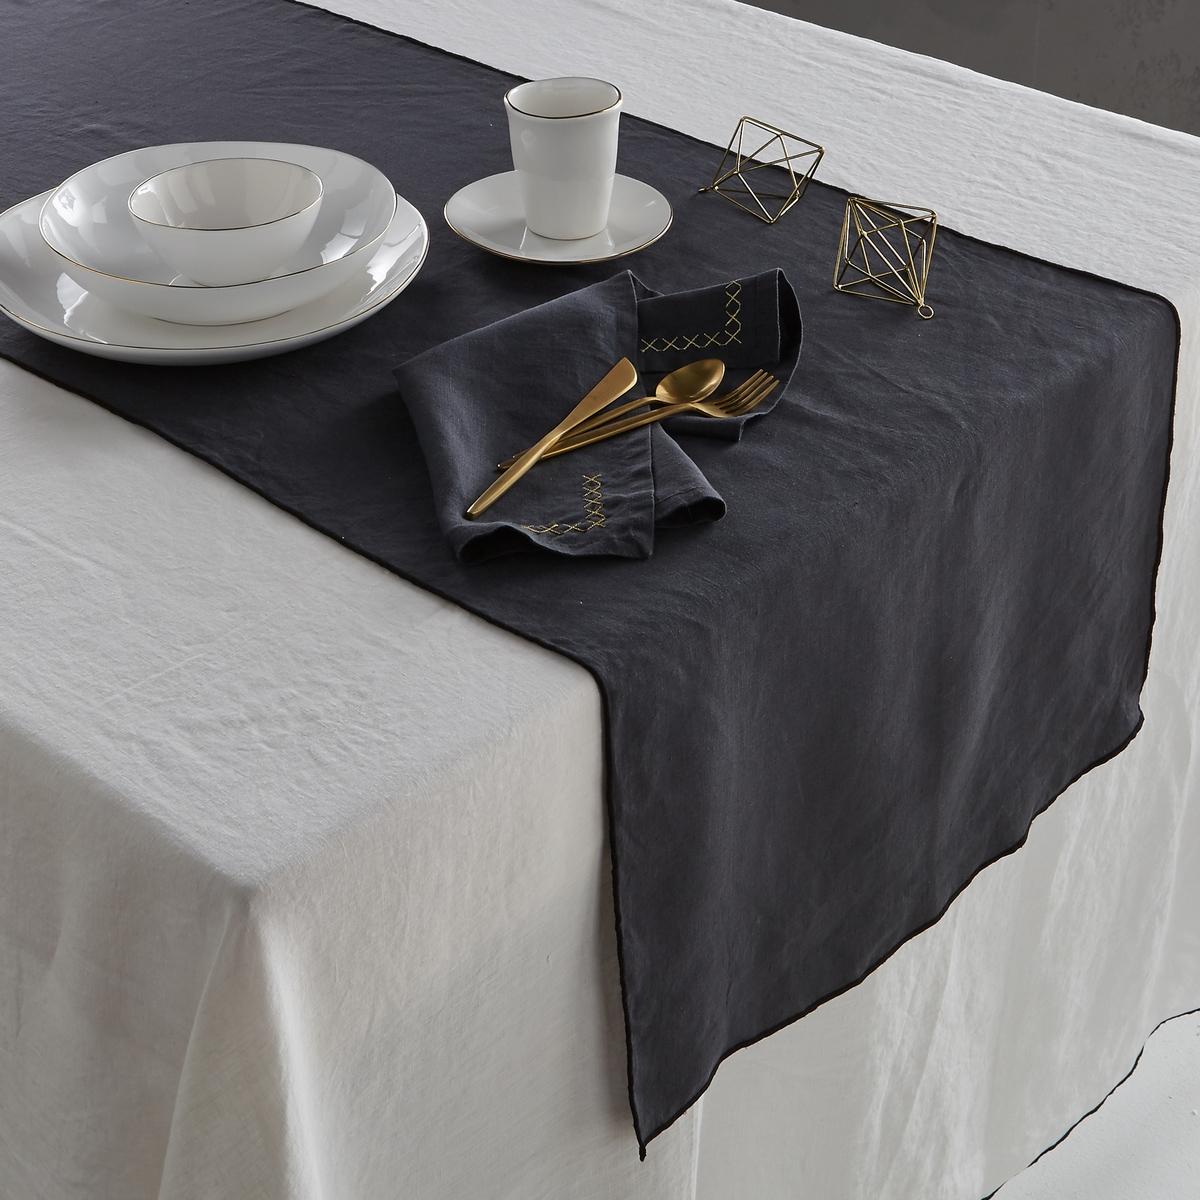 цена на Дорожка La Redoute Столовая из стиранного льна Taraka 50 x 200 см серый